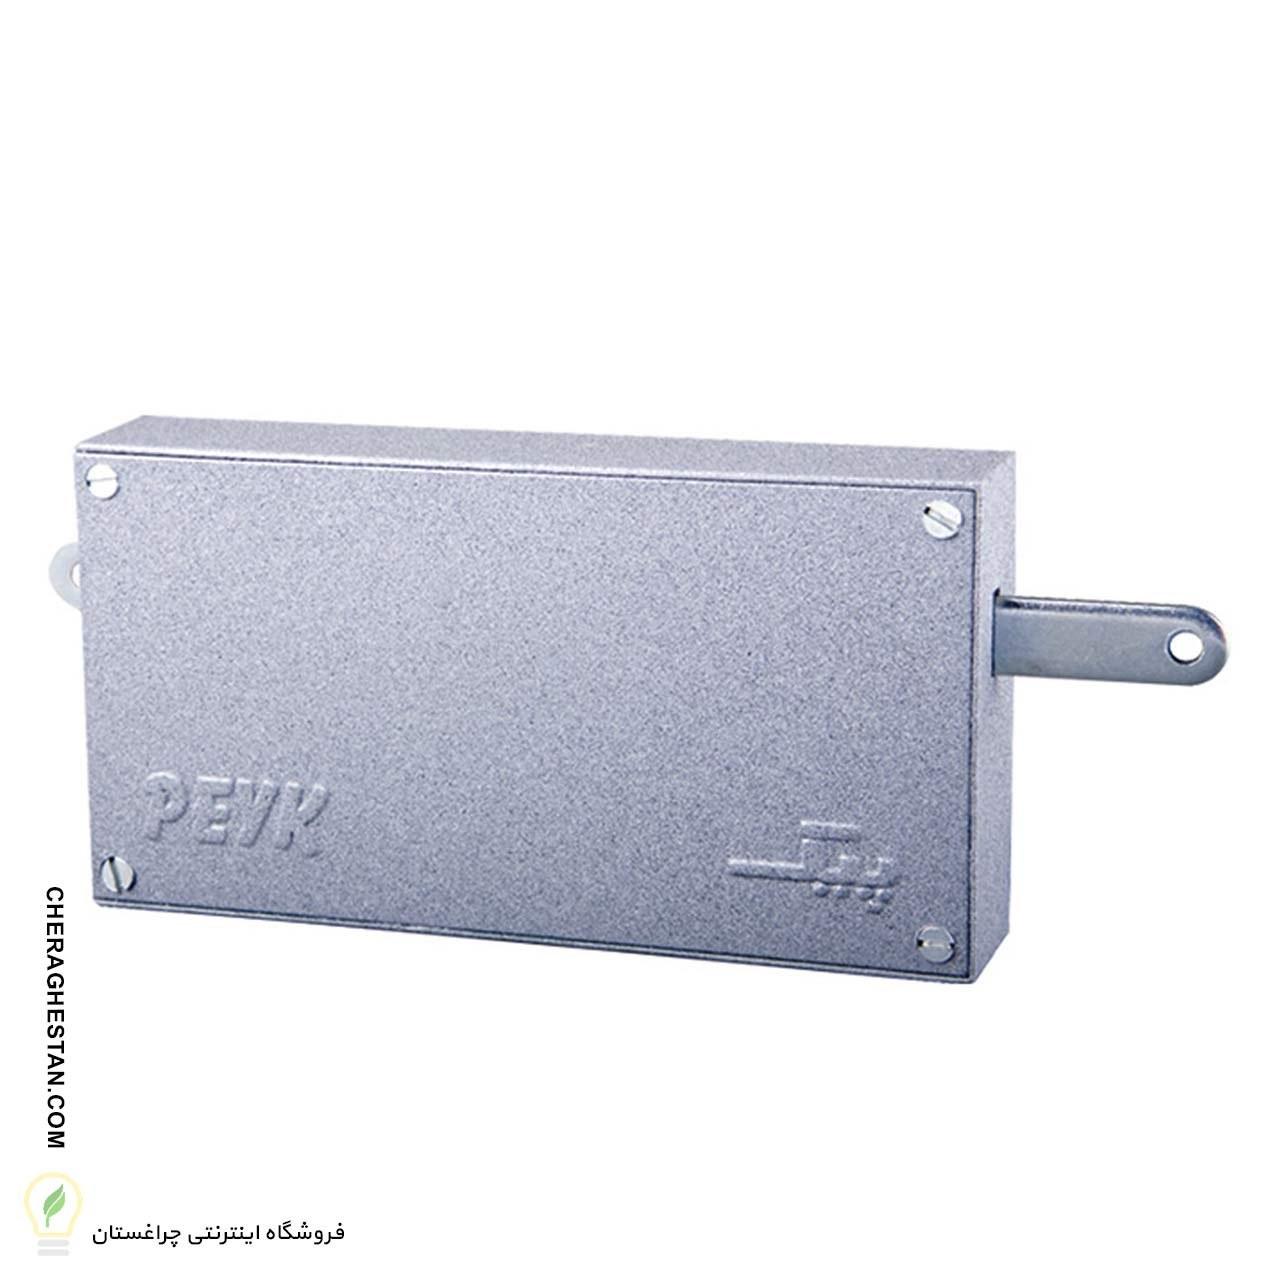 قفل درب بازکن الکتروپیک مدل ۶۷۱